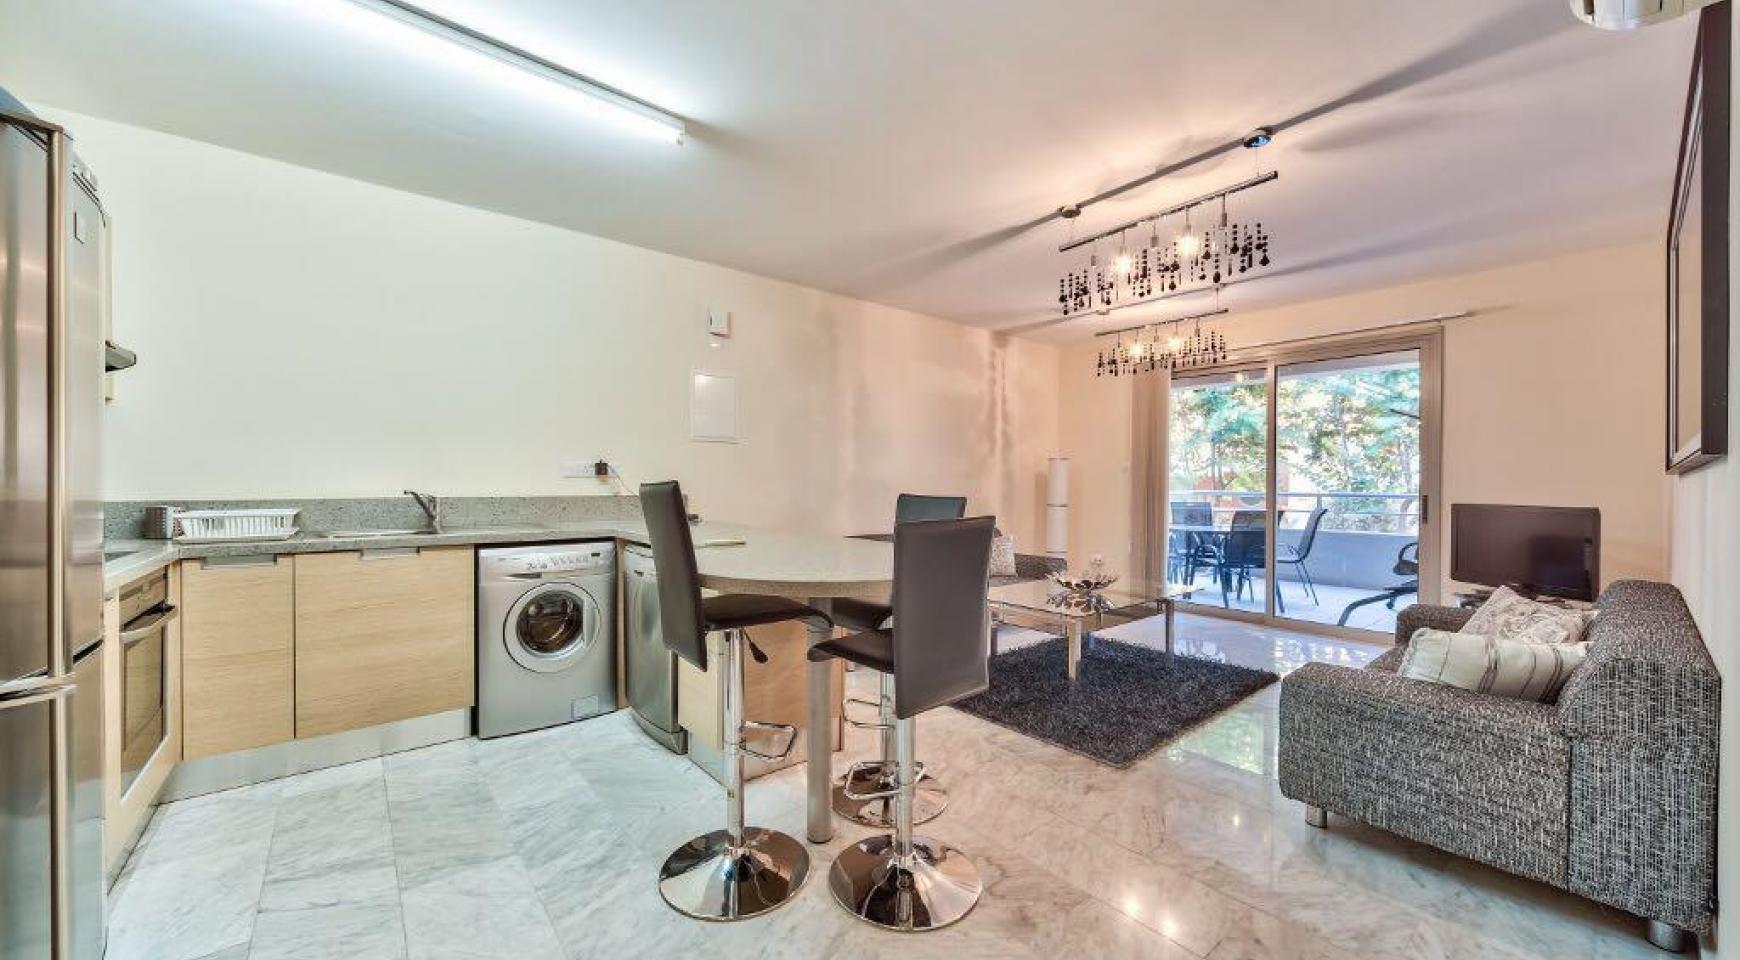 Luxury One Bedroom Apartment in a Prestigious Complex near the Sea - 2